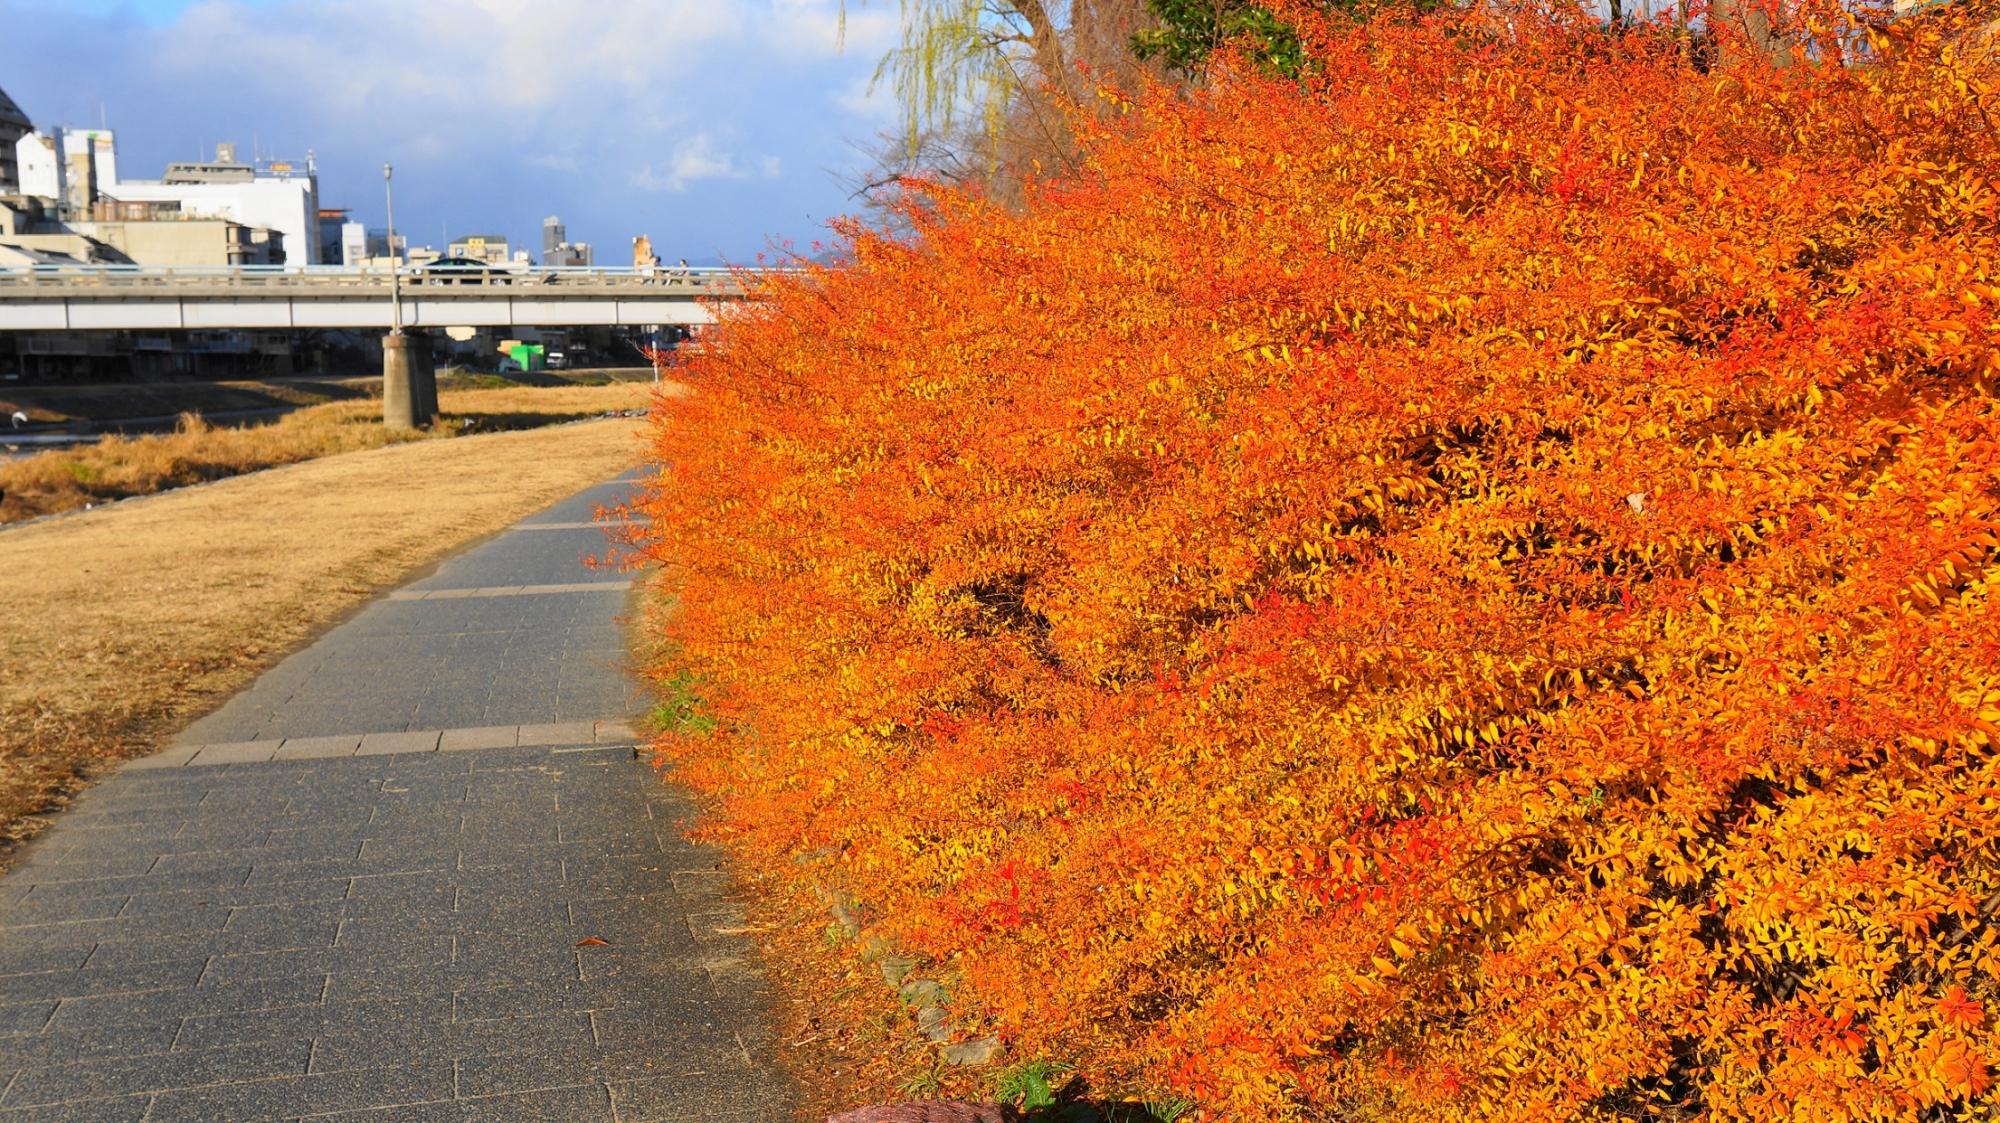 鴨川の冬の雪柳のオレンジの紅葉(五条付近)